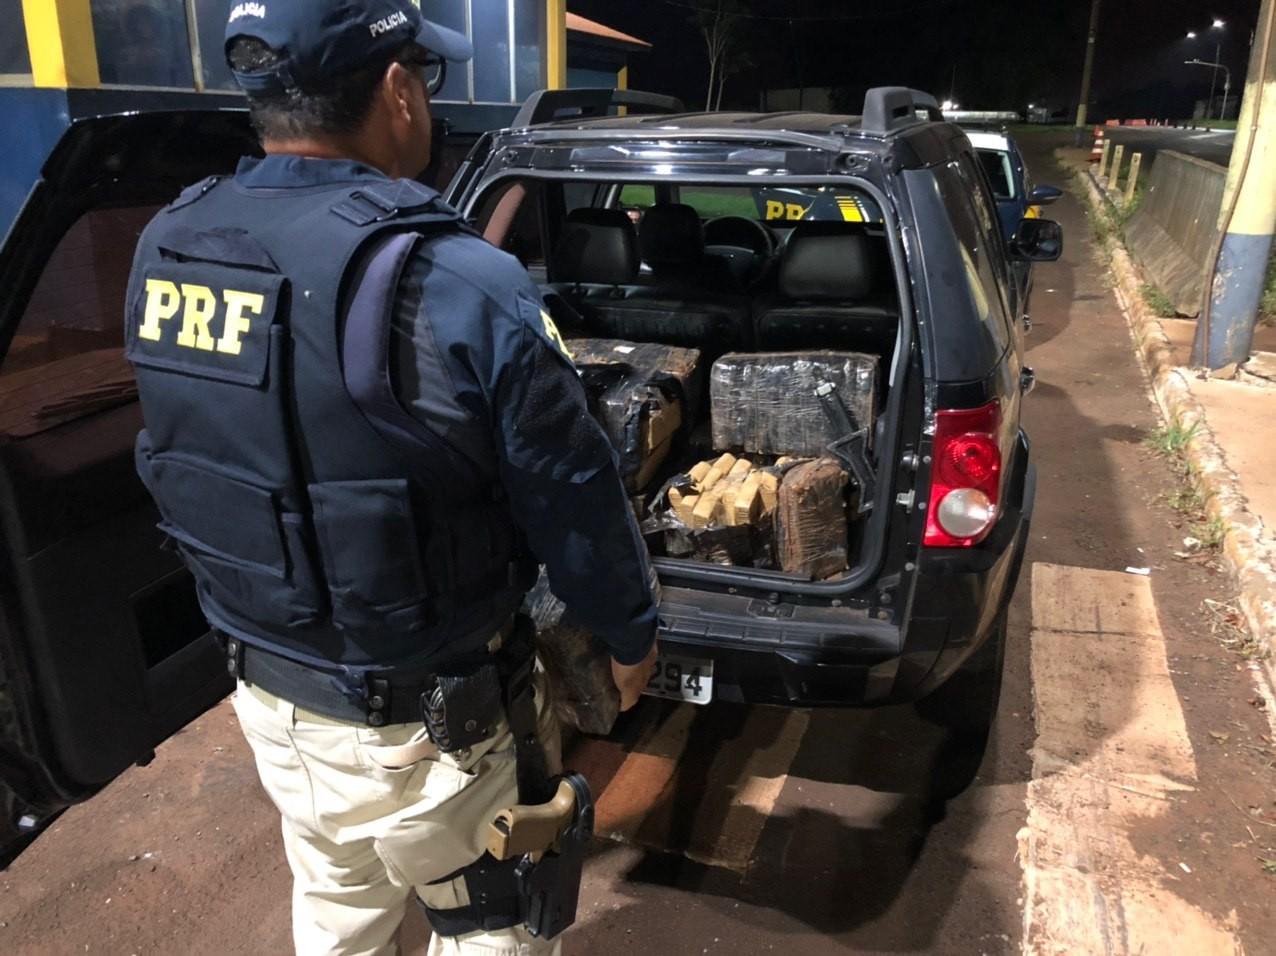 Homem é preso com mais de 200 kg de maconha na BR-277, diz PRF